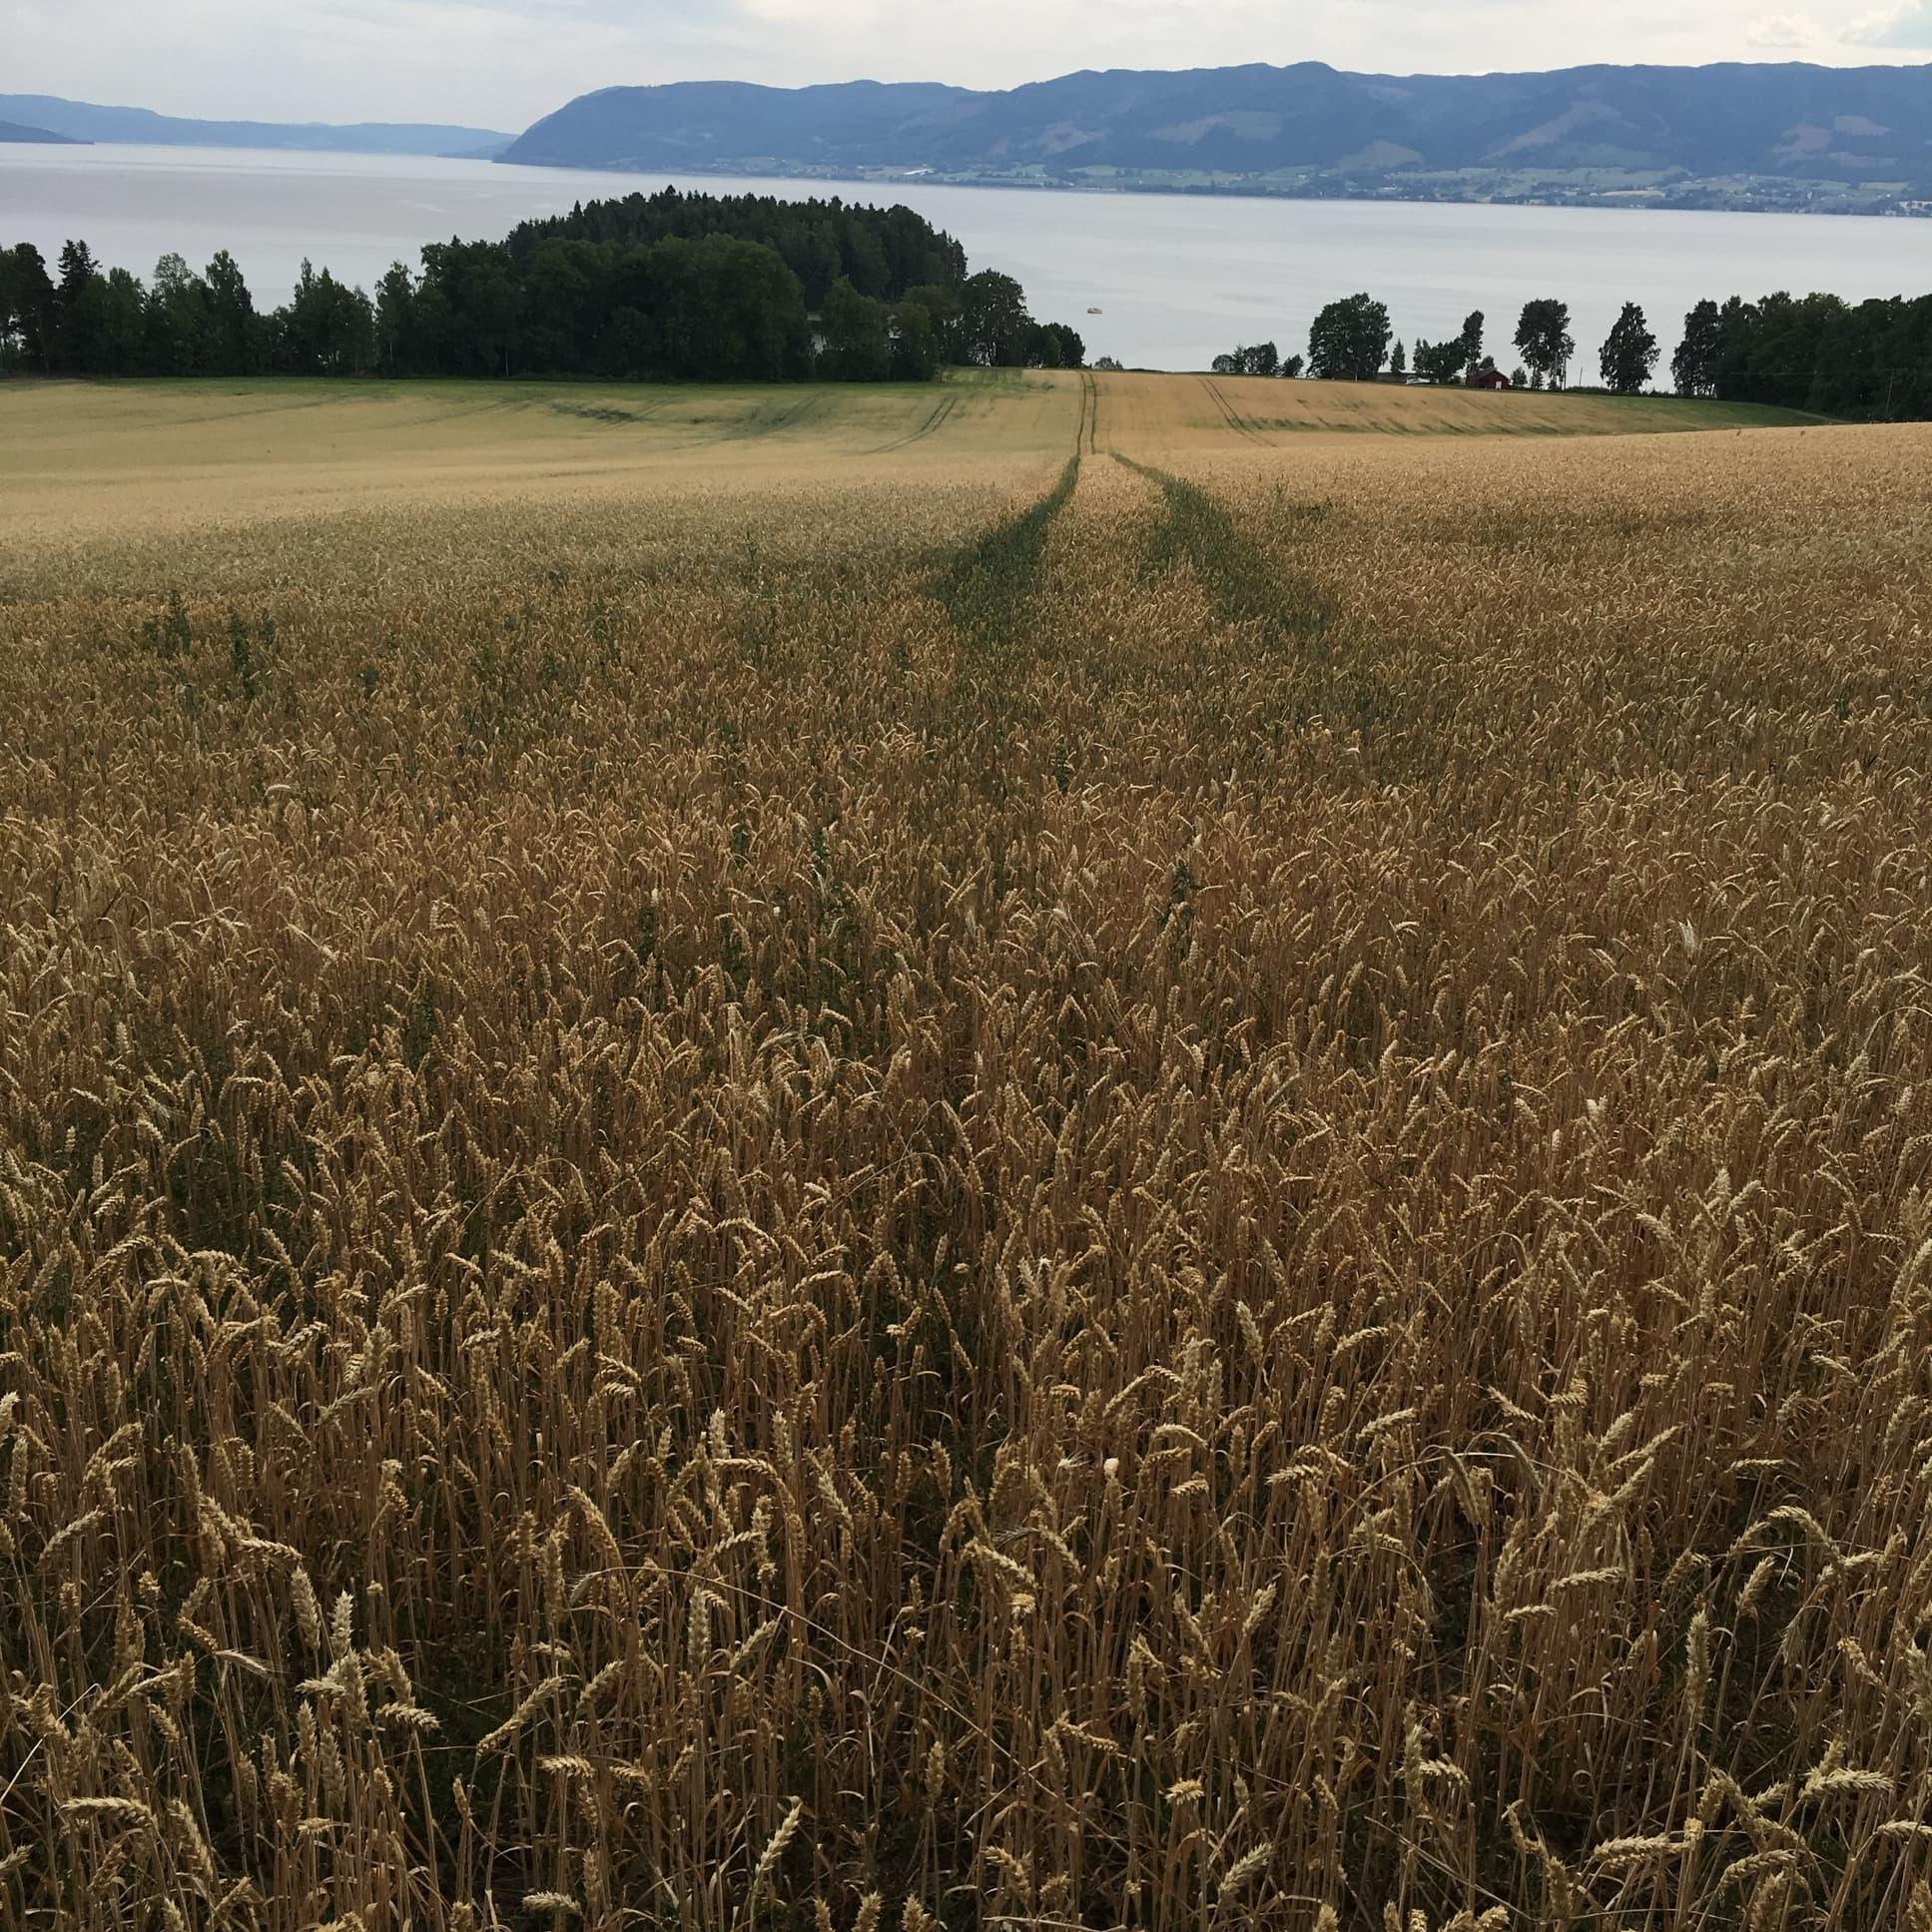 A Dry Norwegian Field